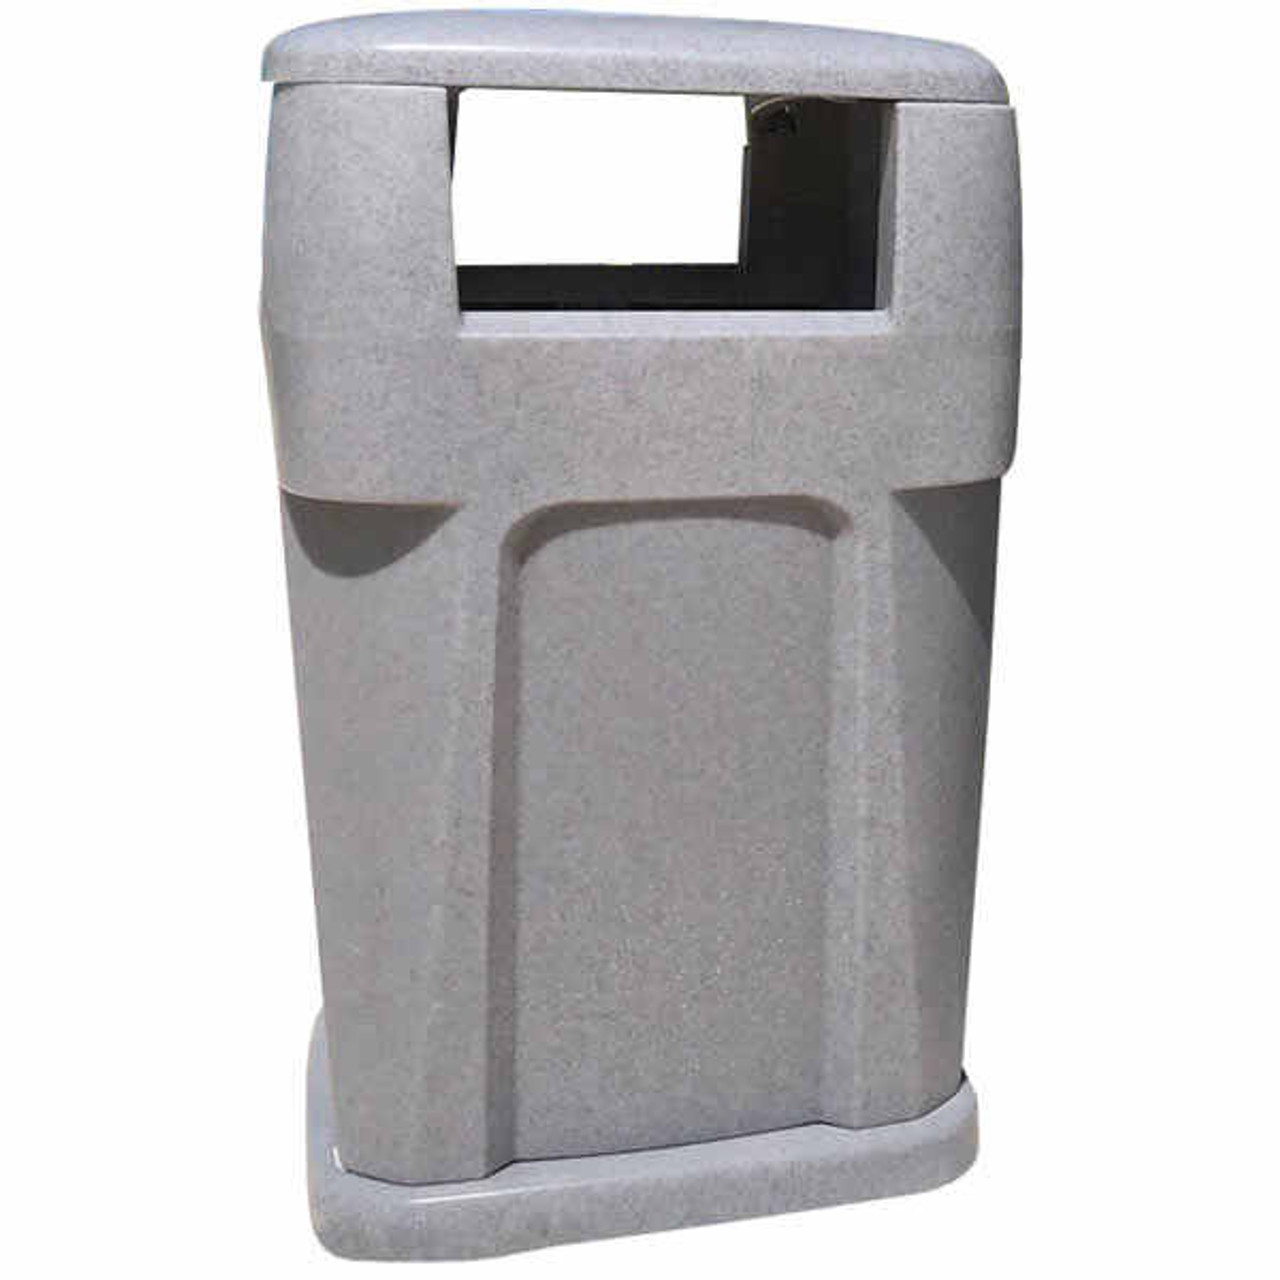 65 Gallon Heavy Duty Plastic Liftable City Trash Can TF1953